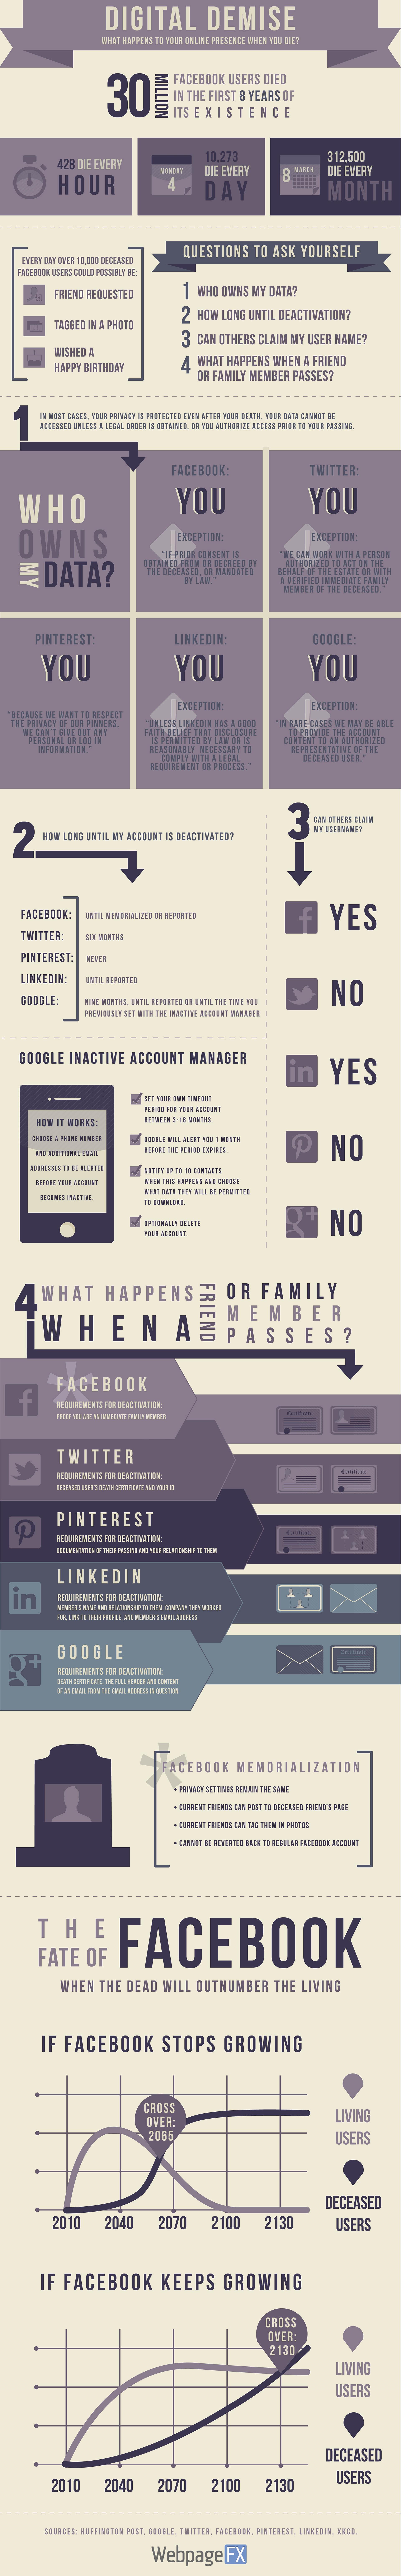 soziale netzwerke tod daten